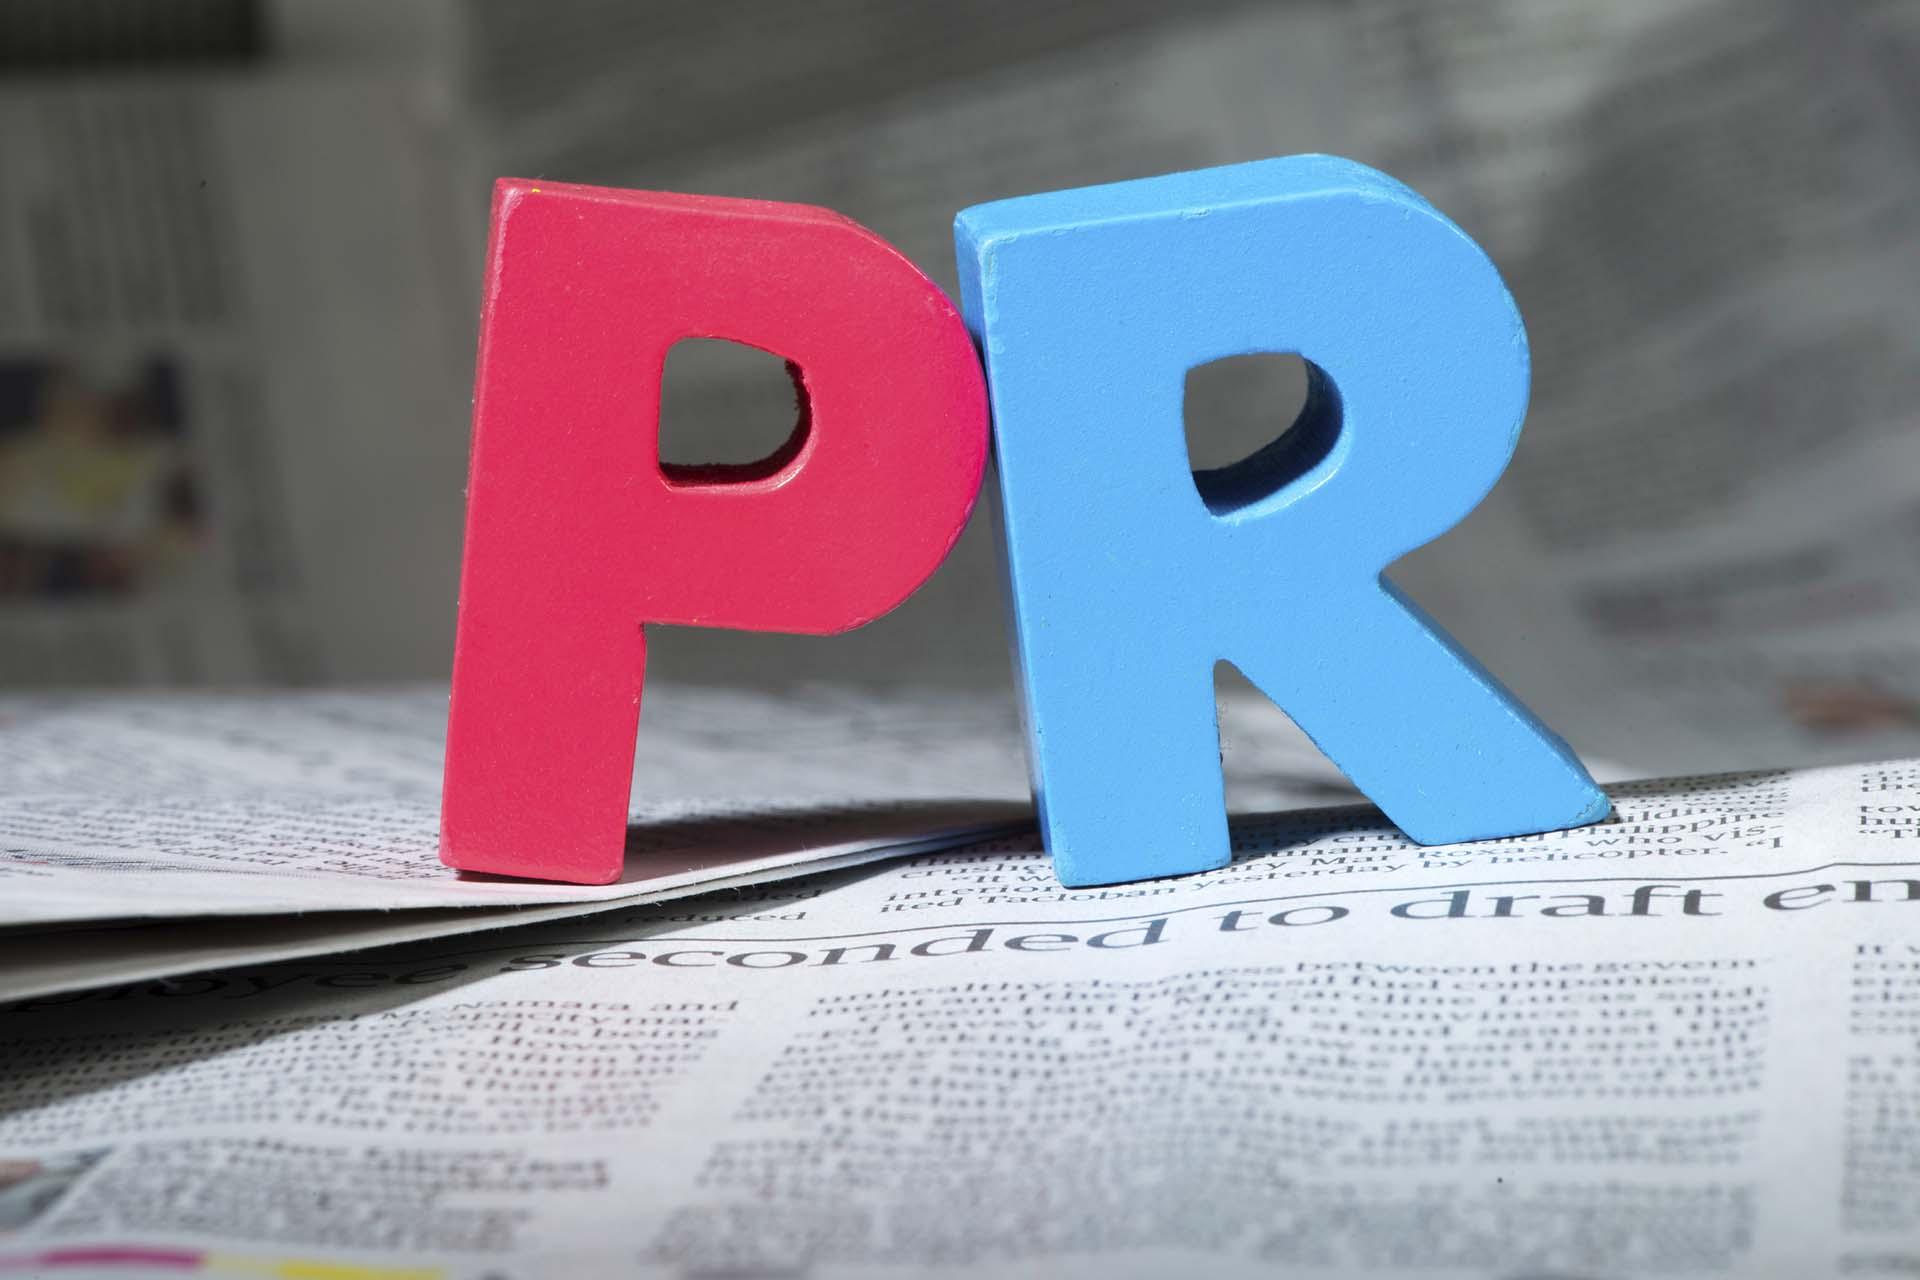 Бесплатный вебинар: 15 причин почему нужны публикации в медиа